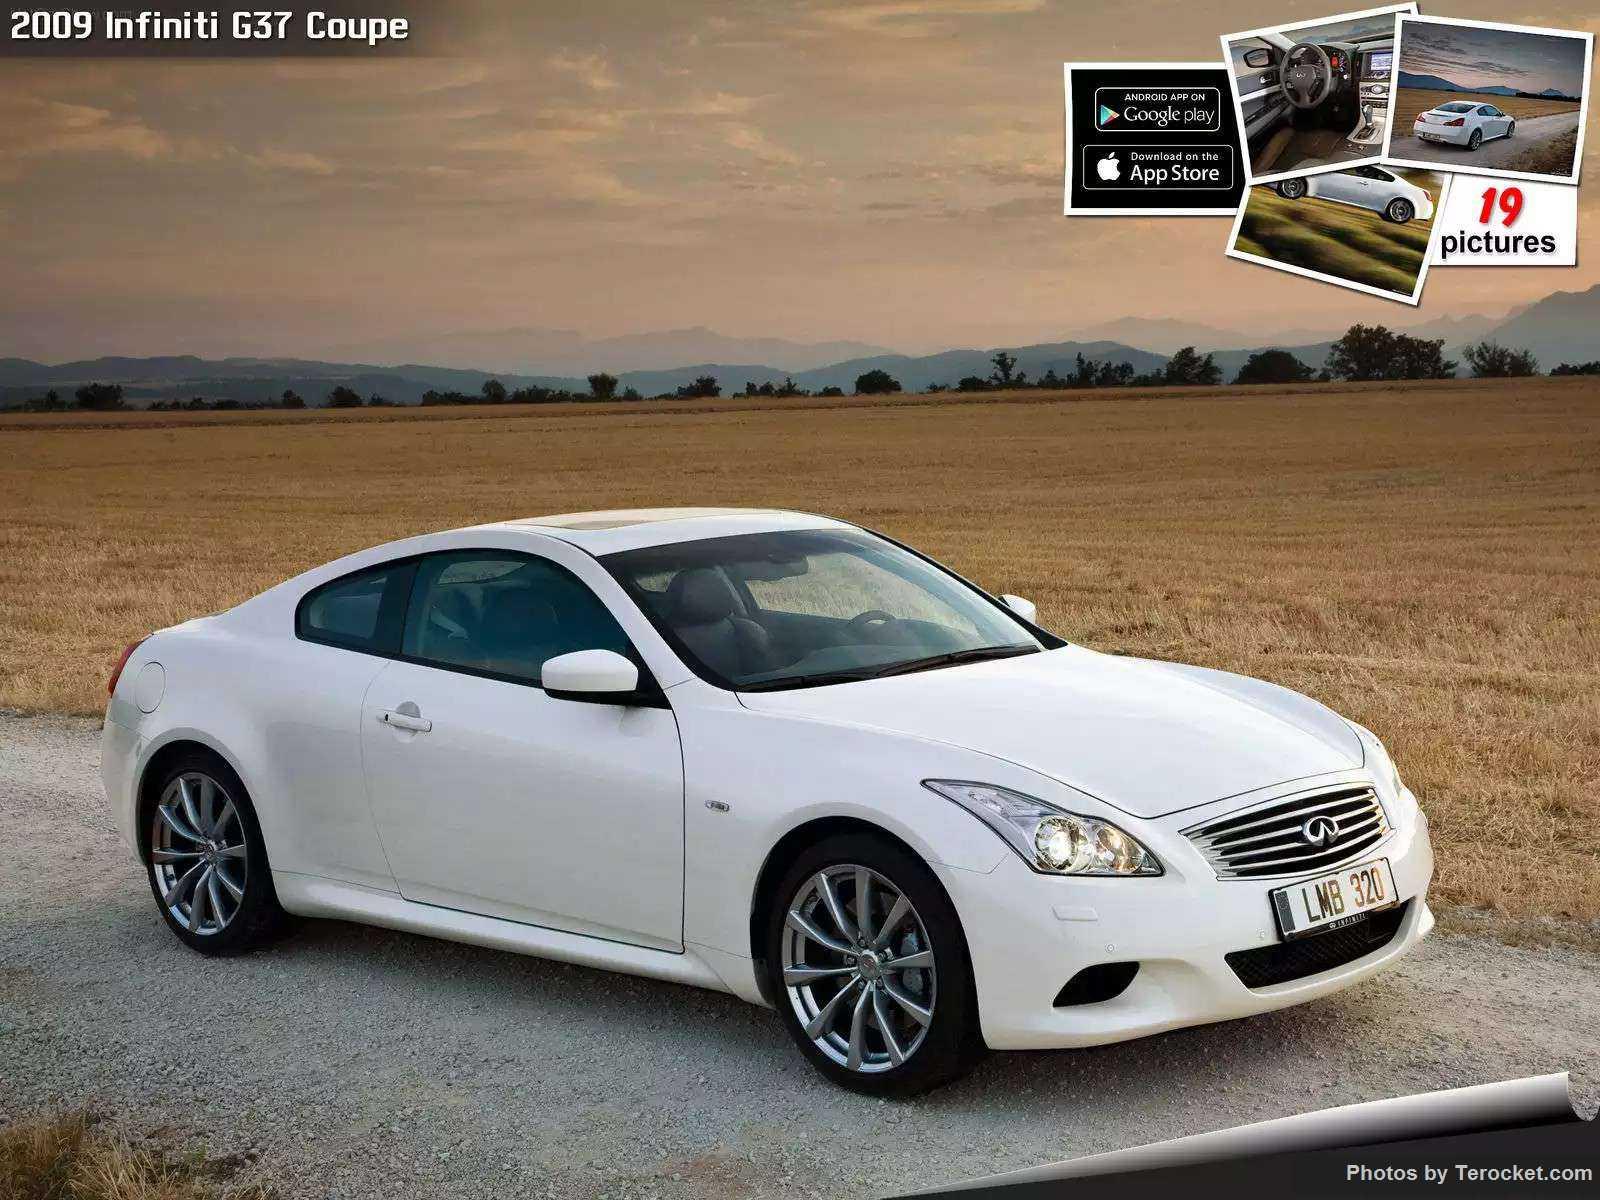 Hình ảnh xe ô tô Infiniti G37 Coupe 2009 & nội ngoại thất